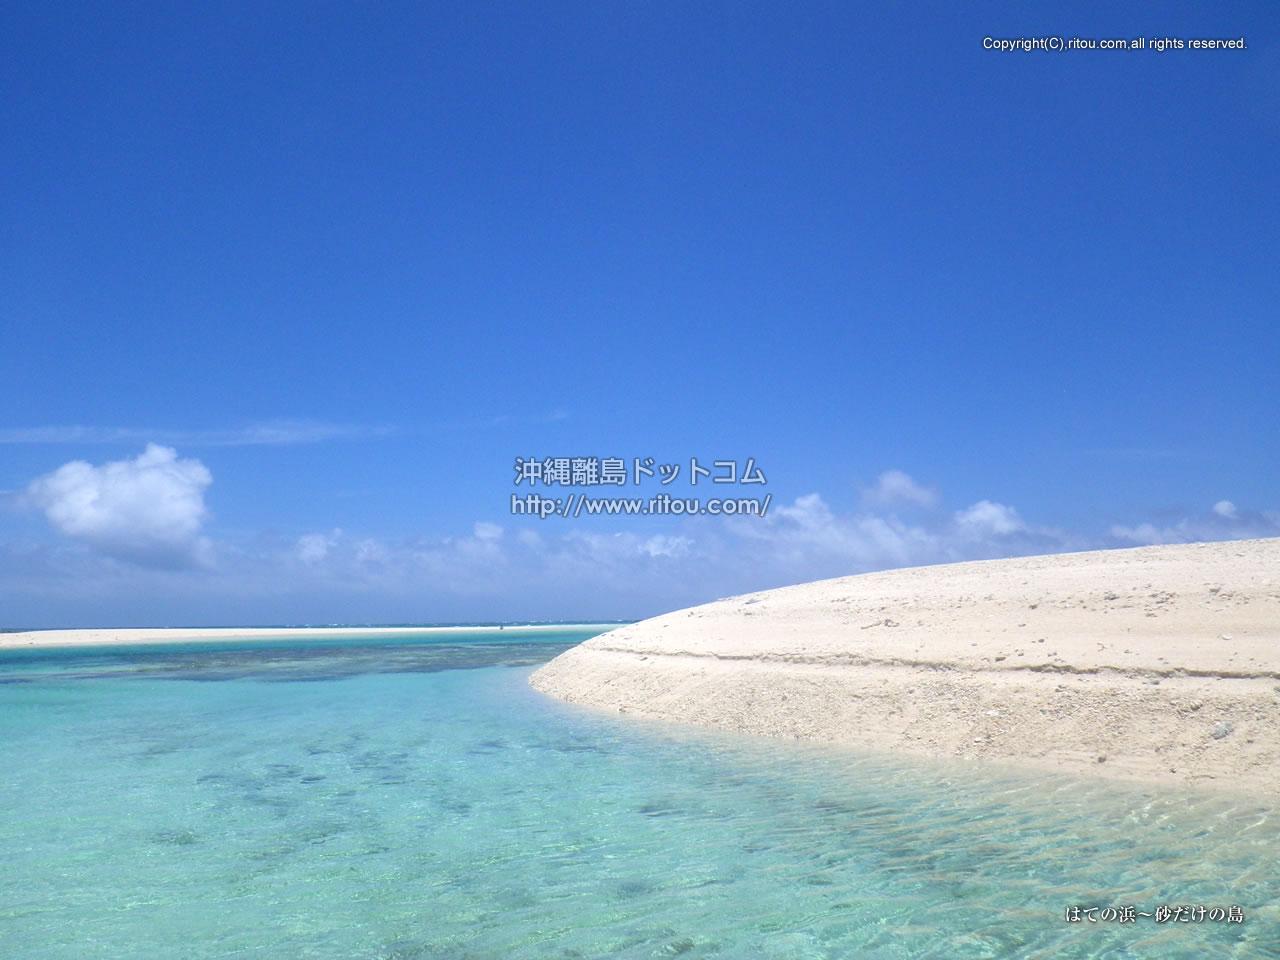 はての浜〜砂だけの島